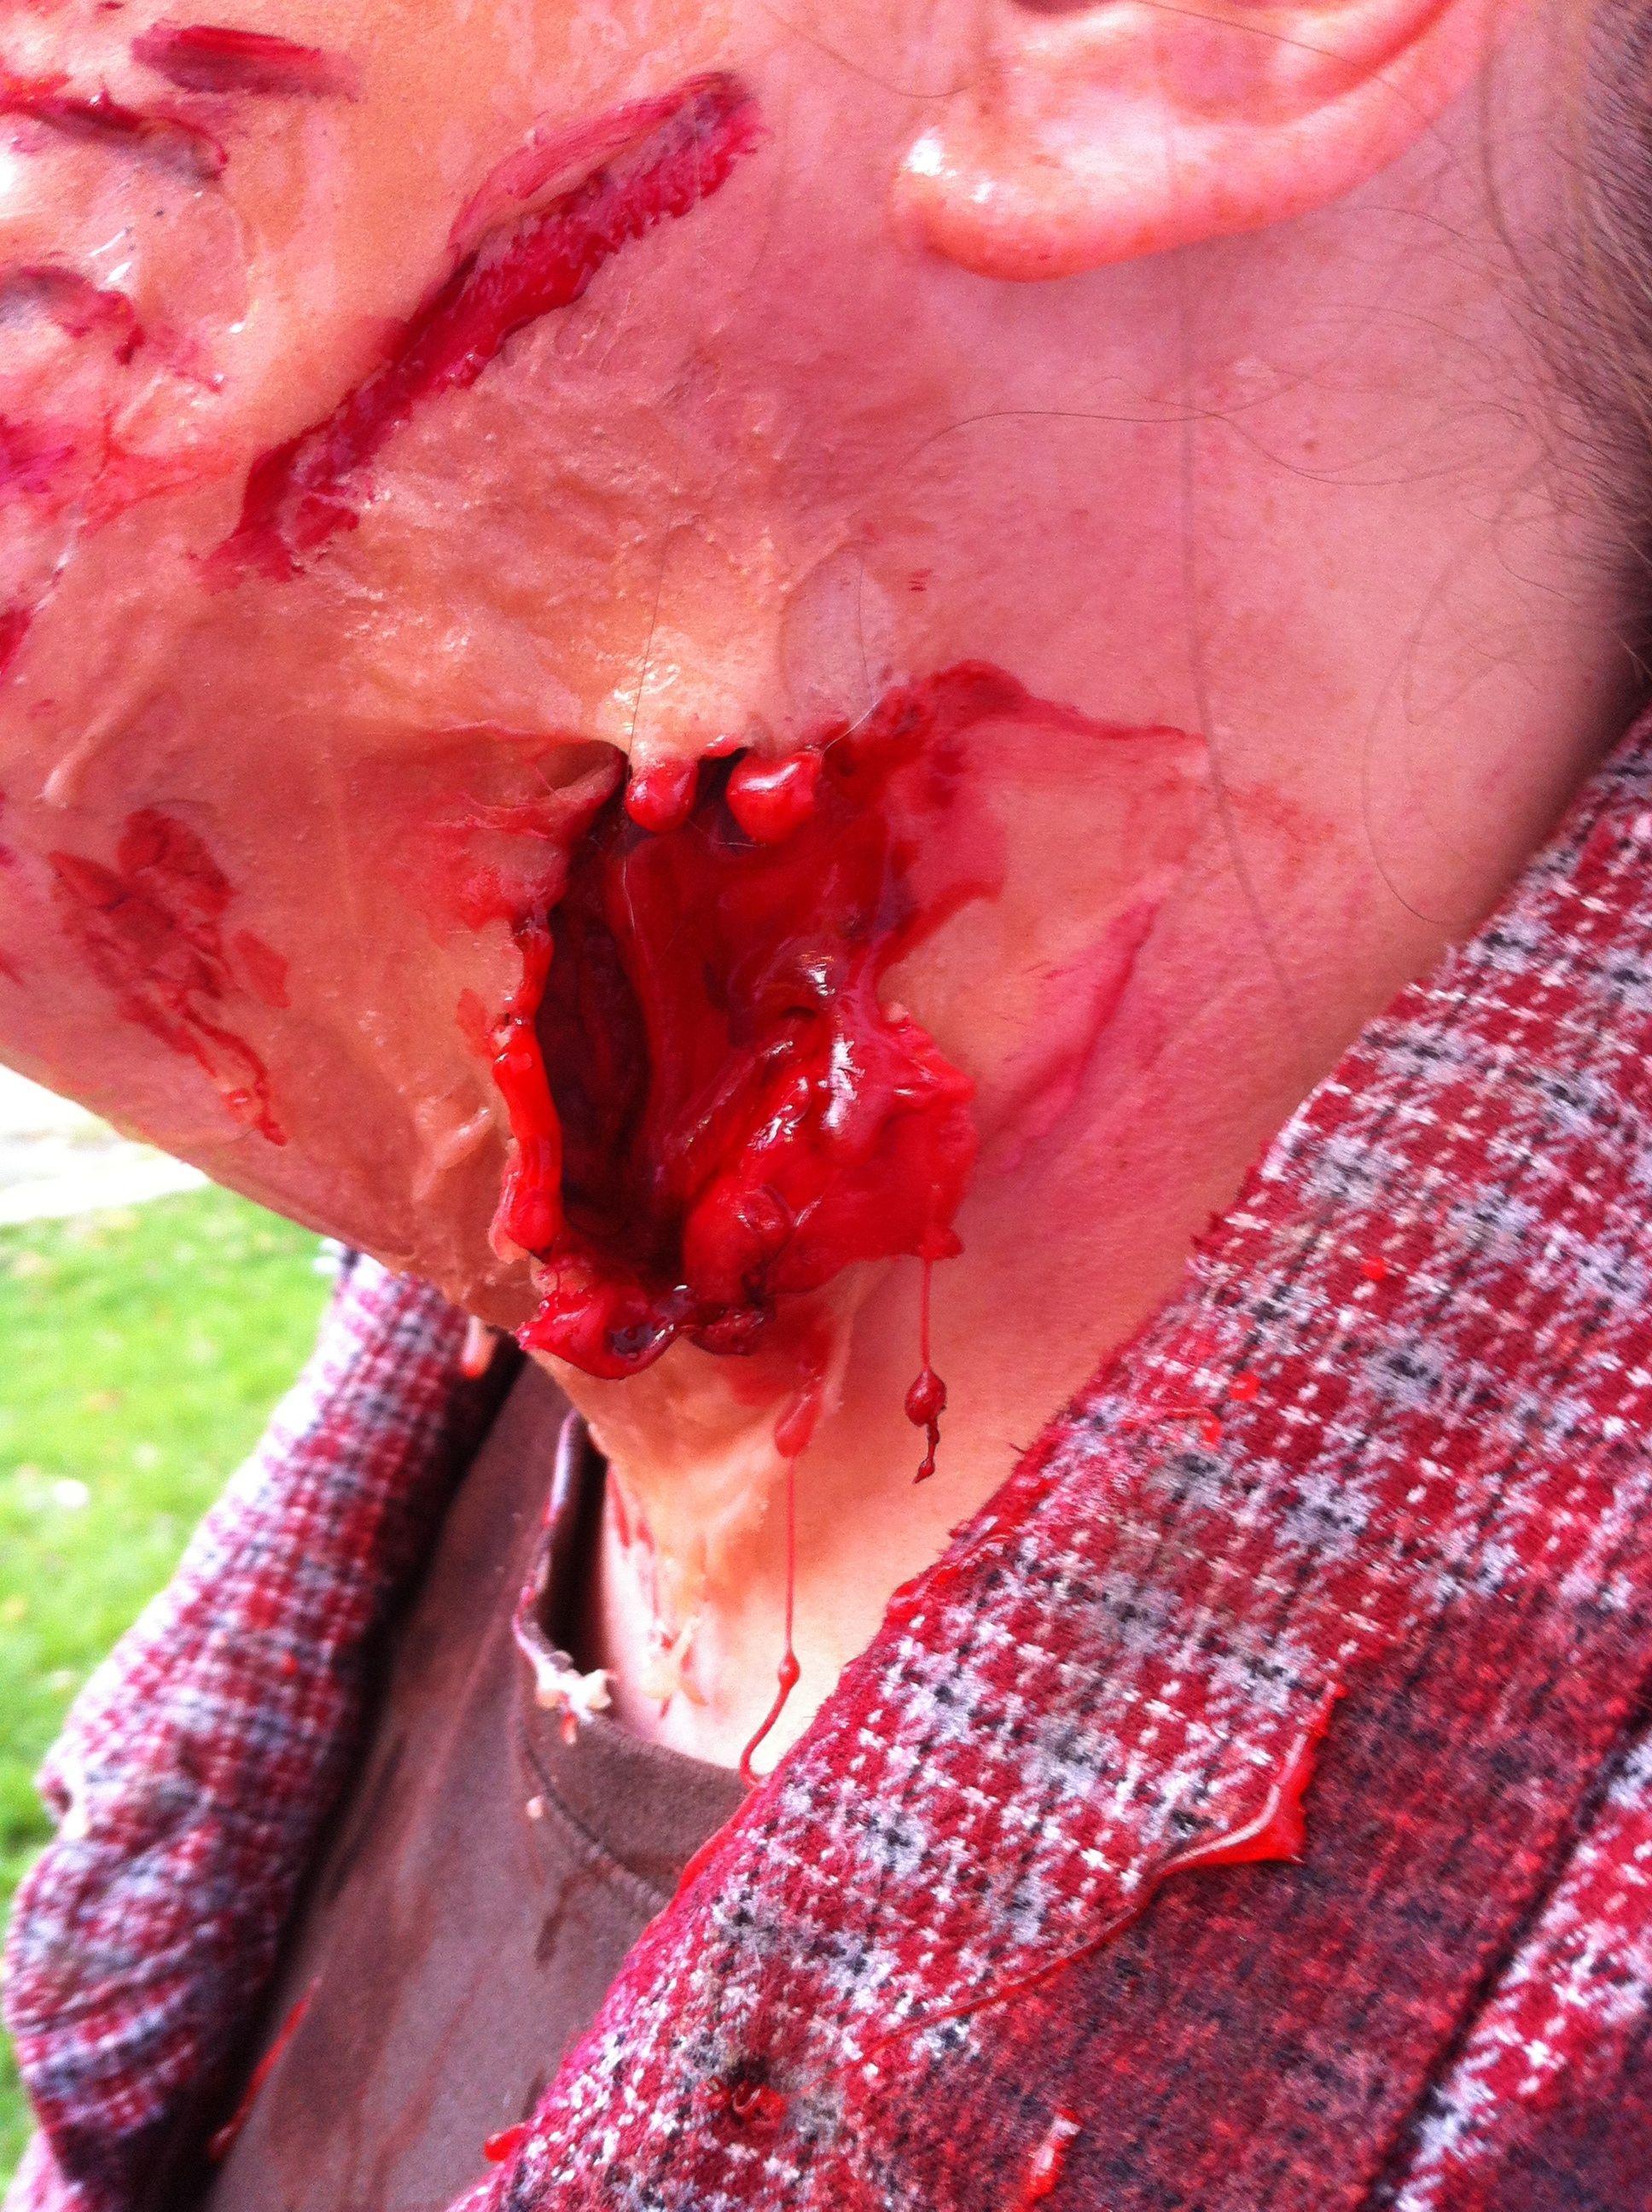 DIY Zombie makeup. Heat(Gelatin+Glycerin+Water) | Zombies ...